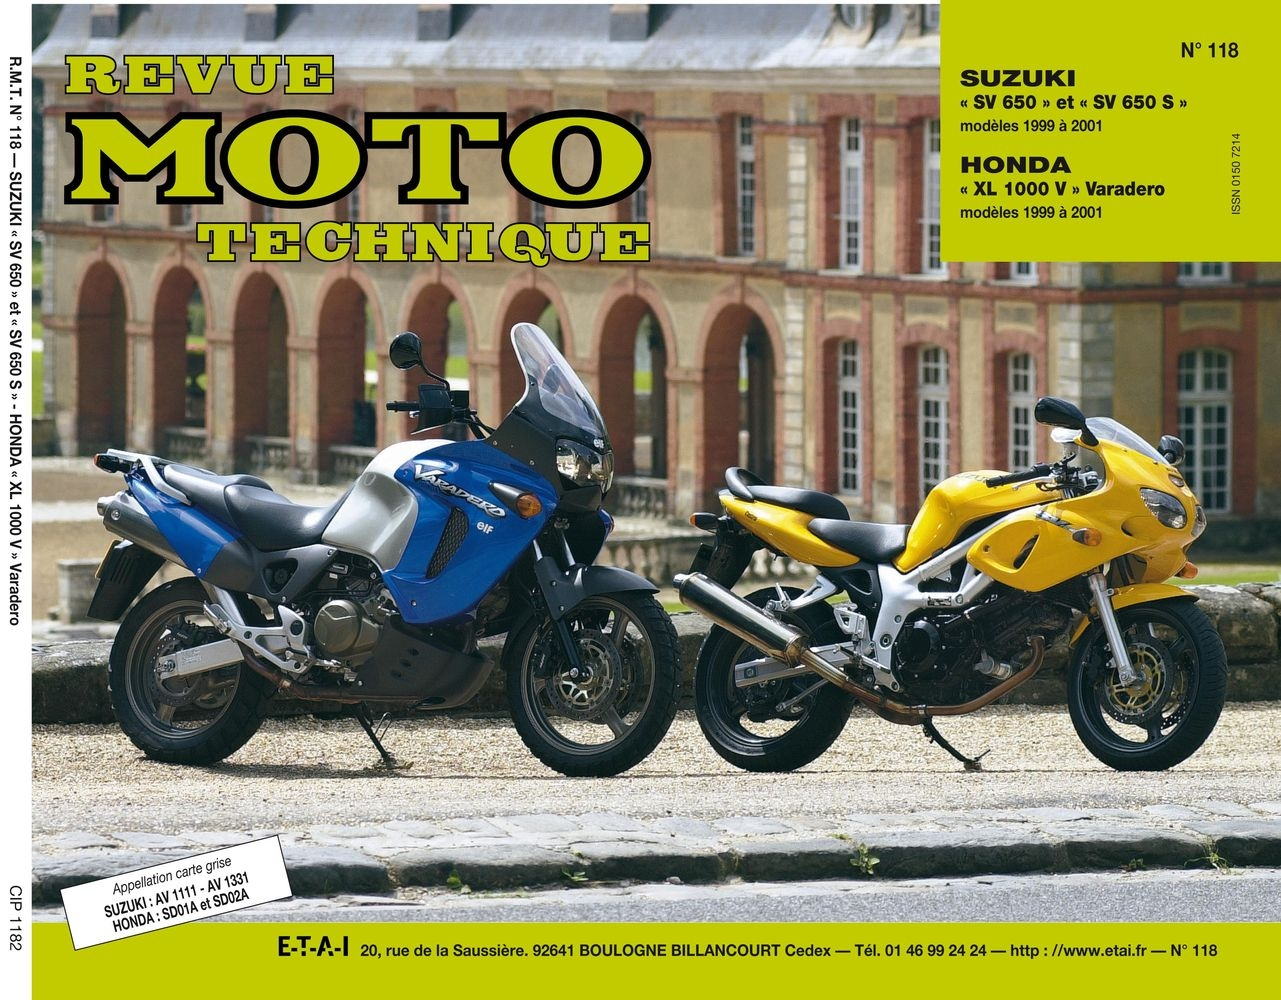 Revue Moto Technique 118.2 Honda XL1000V 99-01 / Suzuki SV 650 99-01